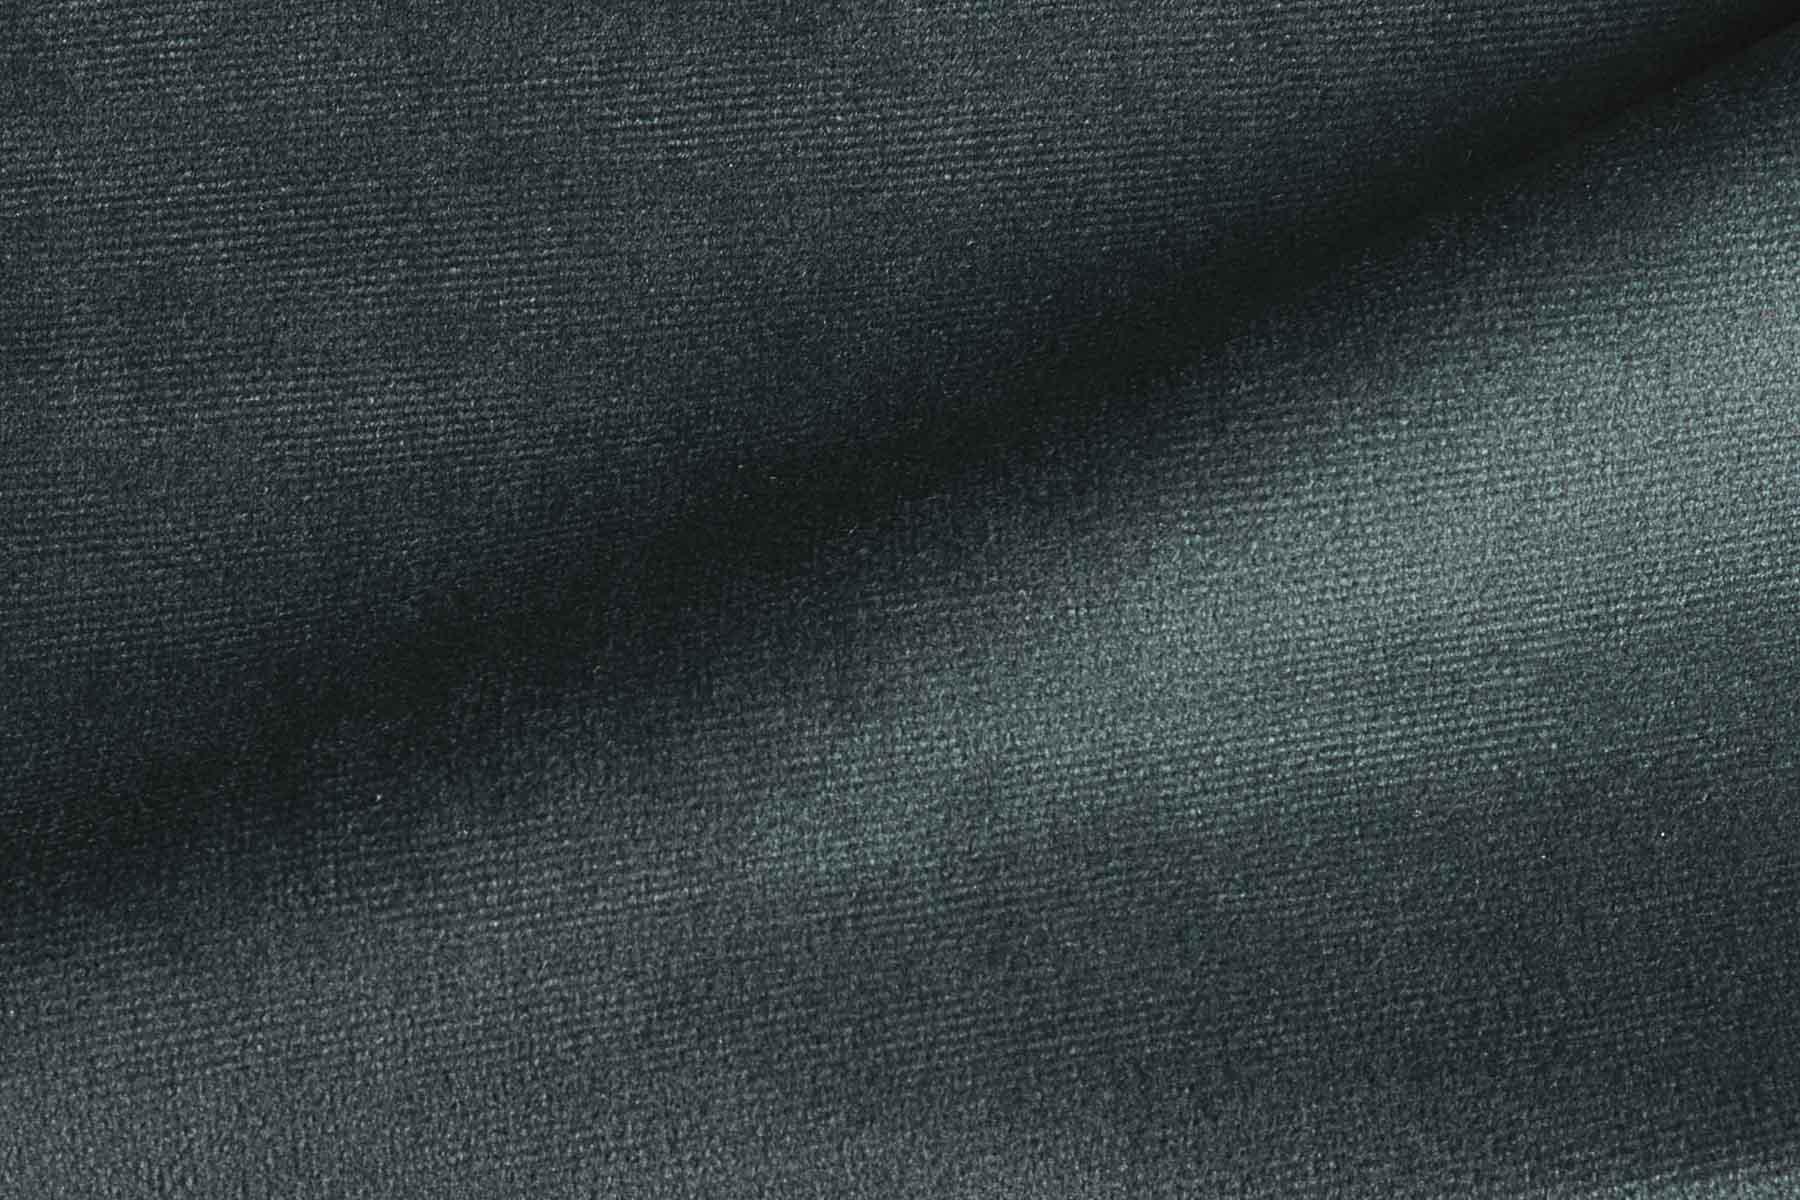 Fabric PARIS VELVET DARK BLUE by Koket